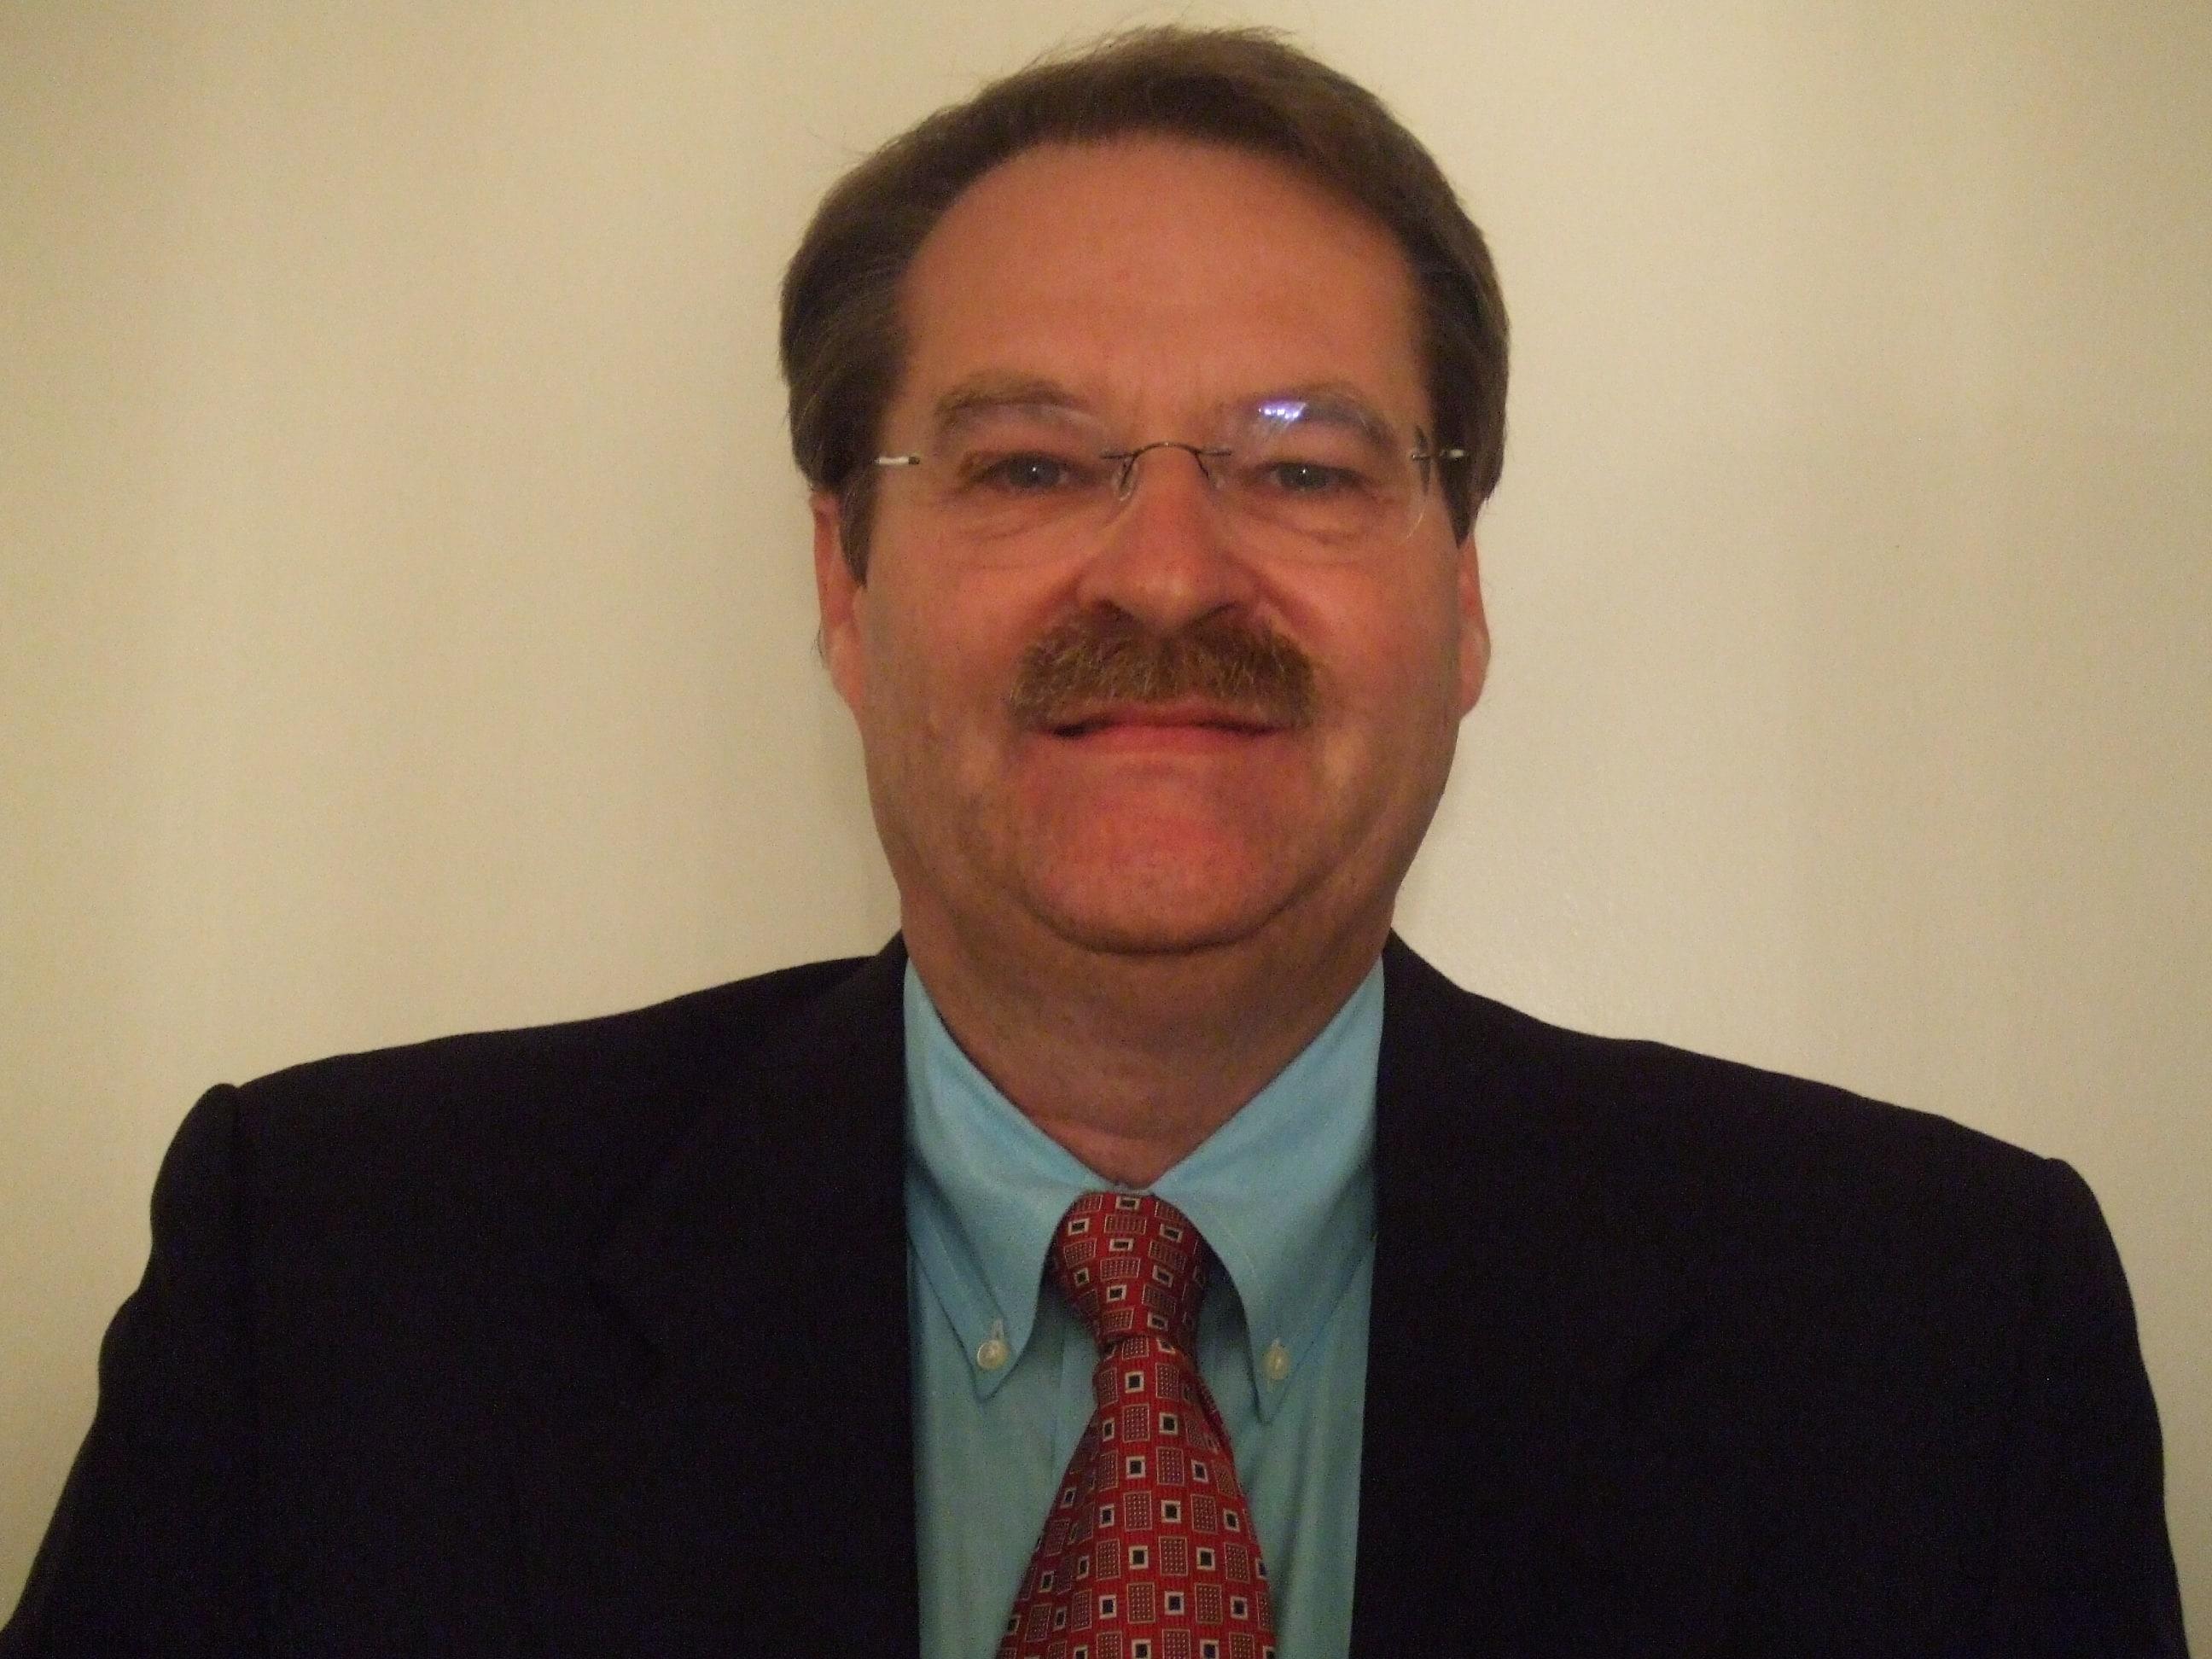 Dr. David J Streng